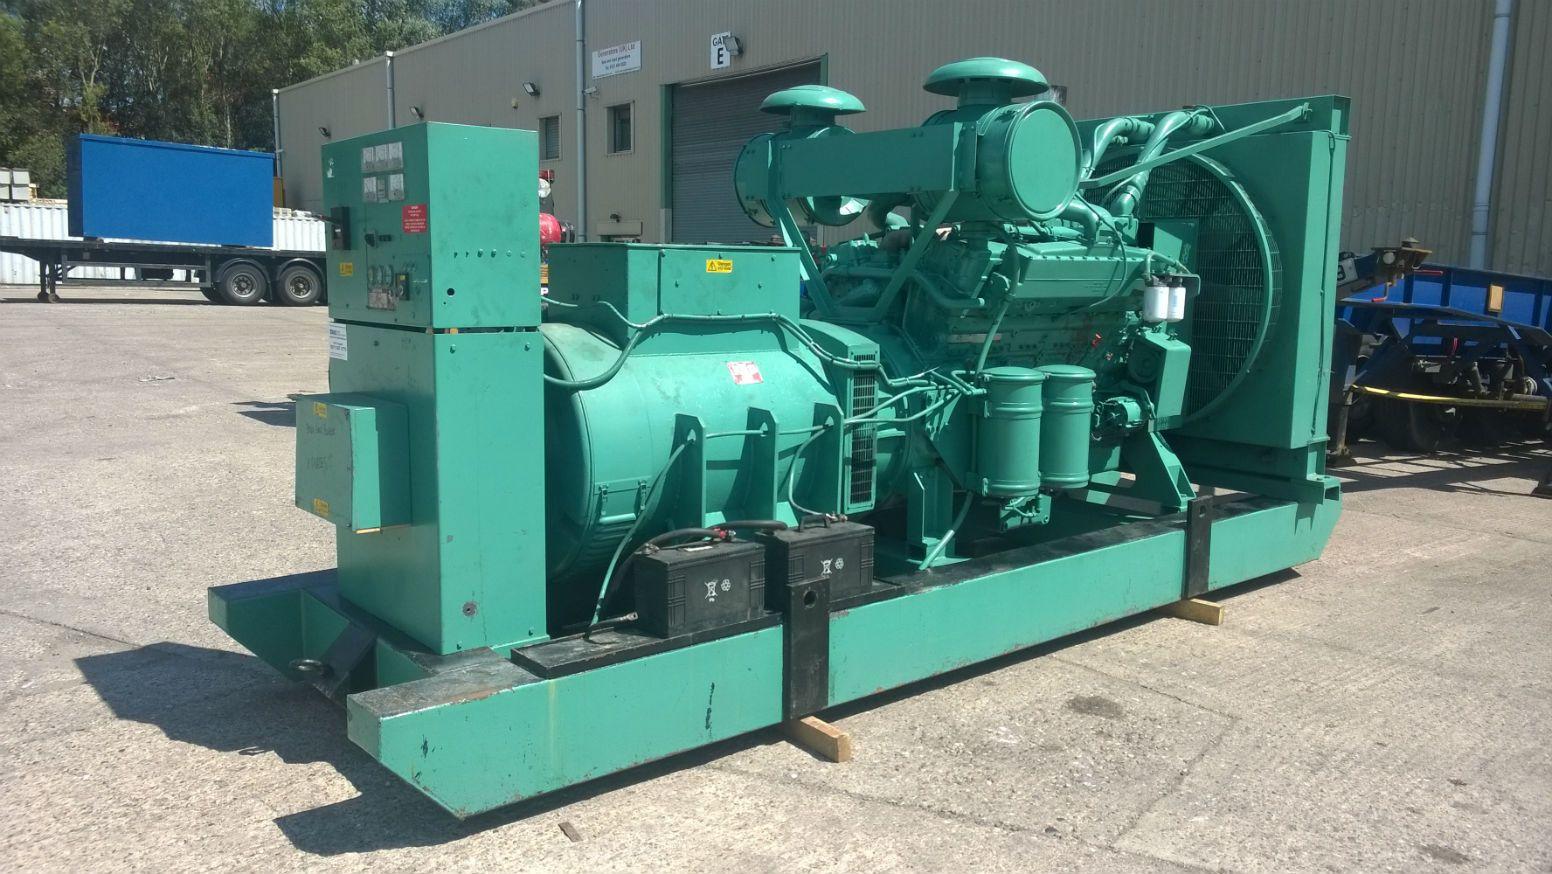 Buy Used Diesel Generators Like Perkins and FG Wilson and